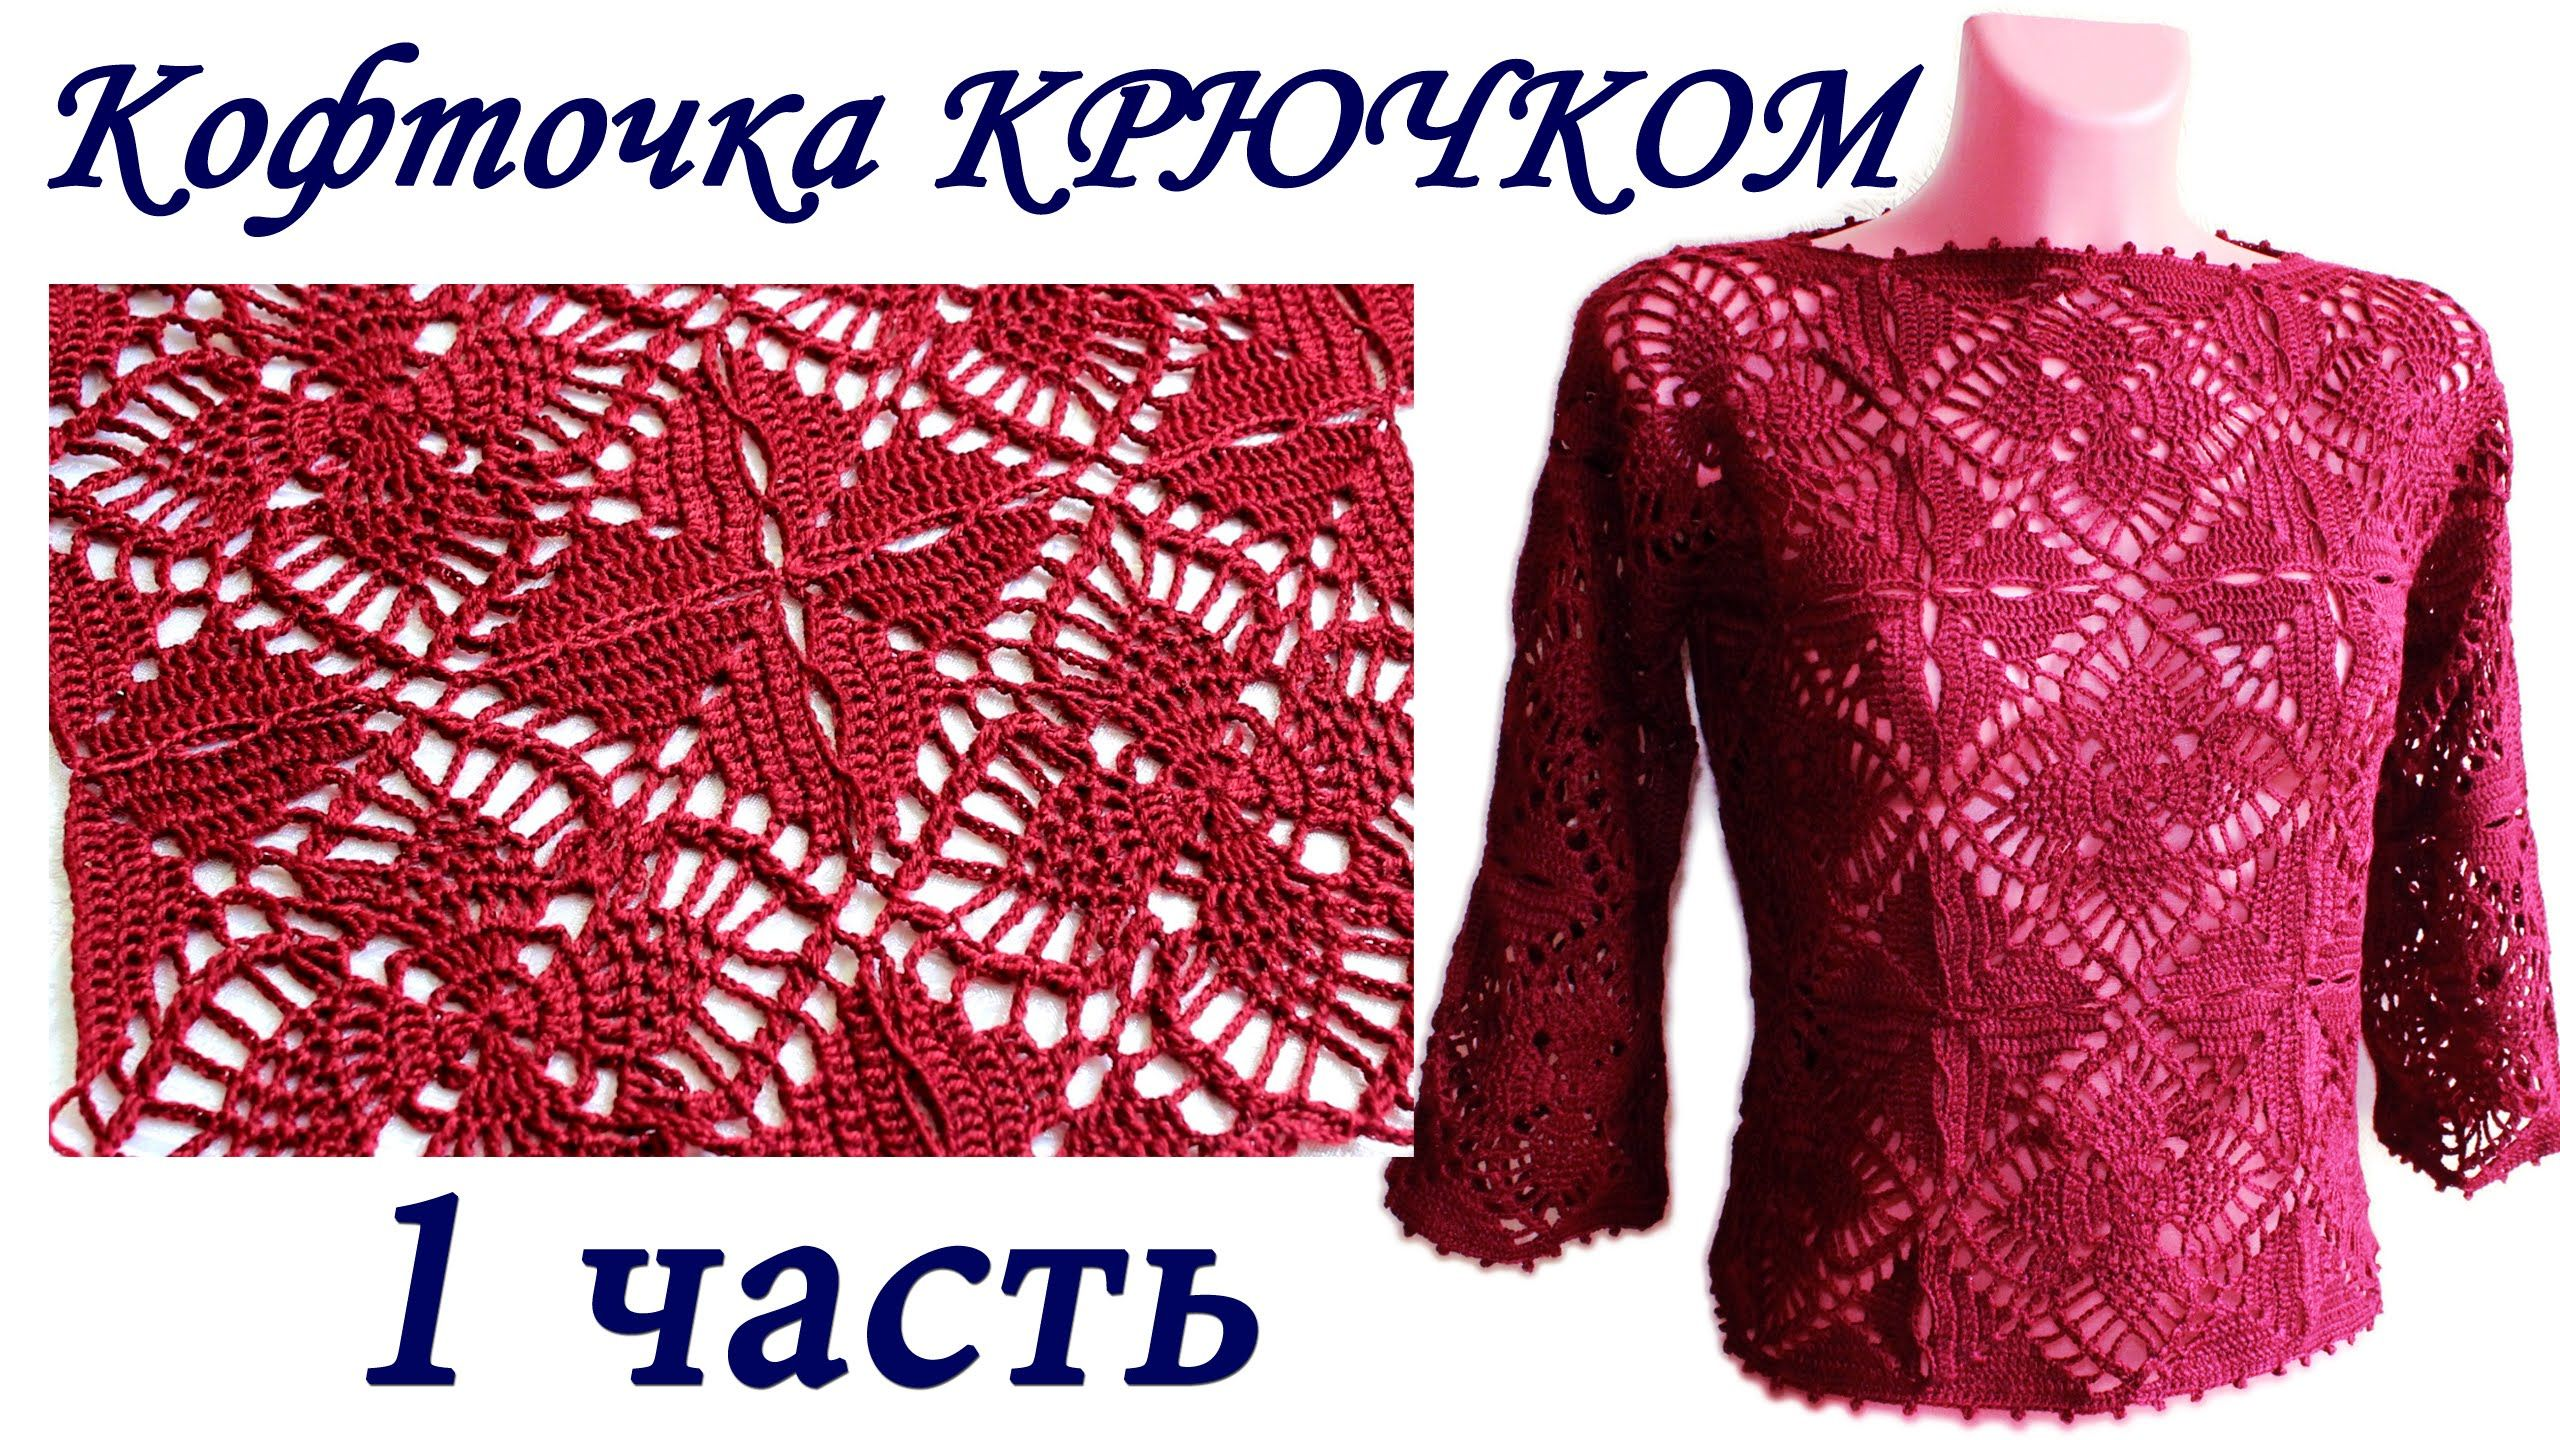 Ажурная кофточка ИЗ КВАДРАТНЫХ МОТИВОВ крючком ( 1 ЧАСТЬ) crochet sweate...